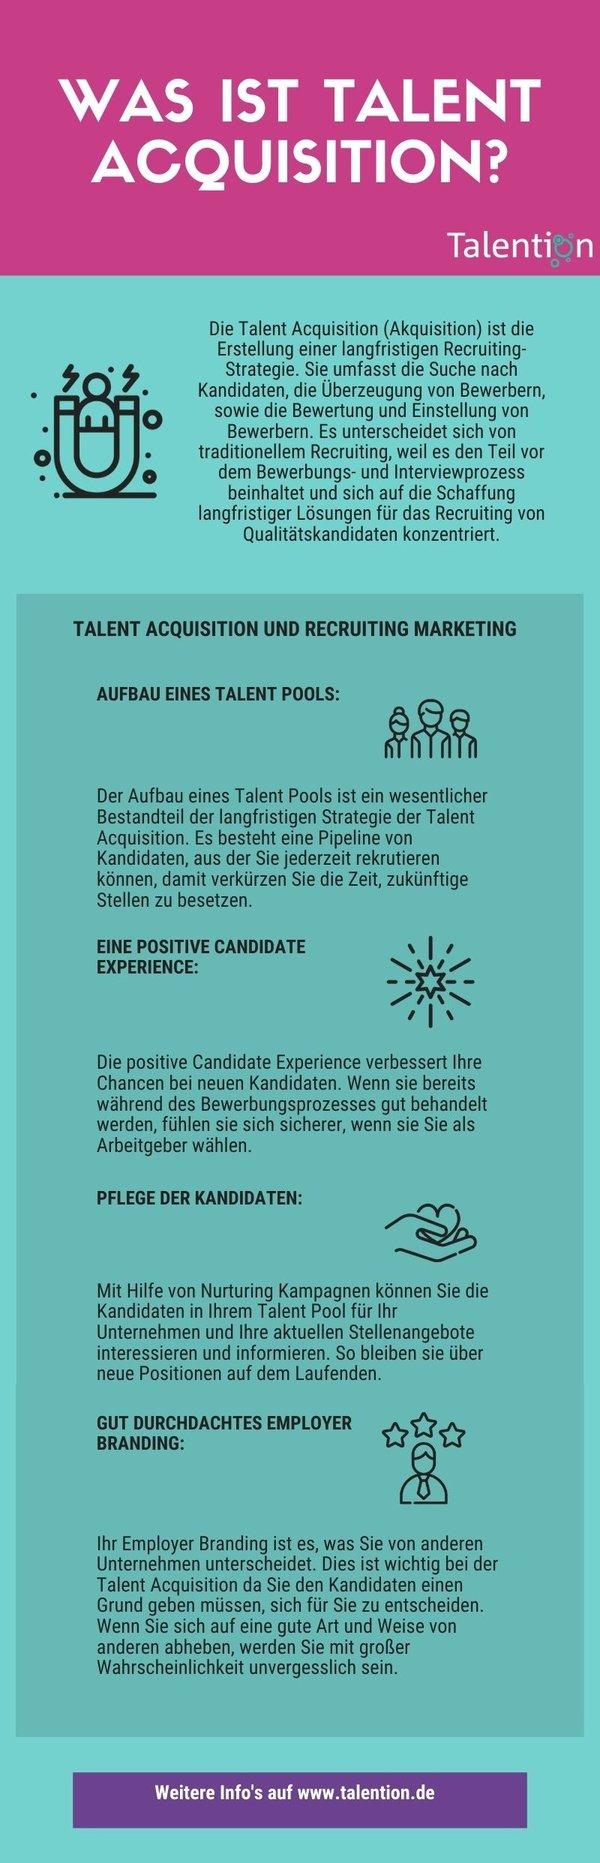 Infografik - Was ist Talent Acquisition?